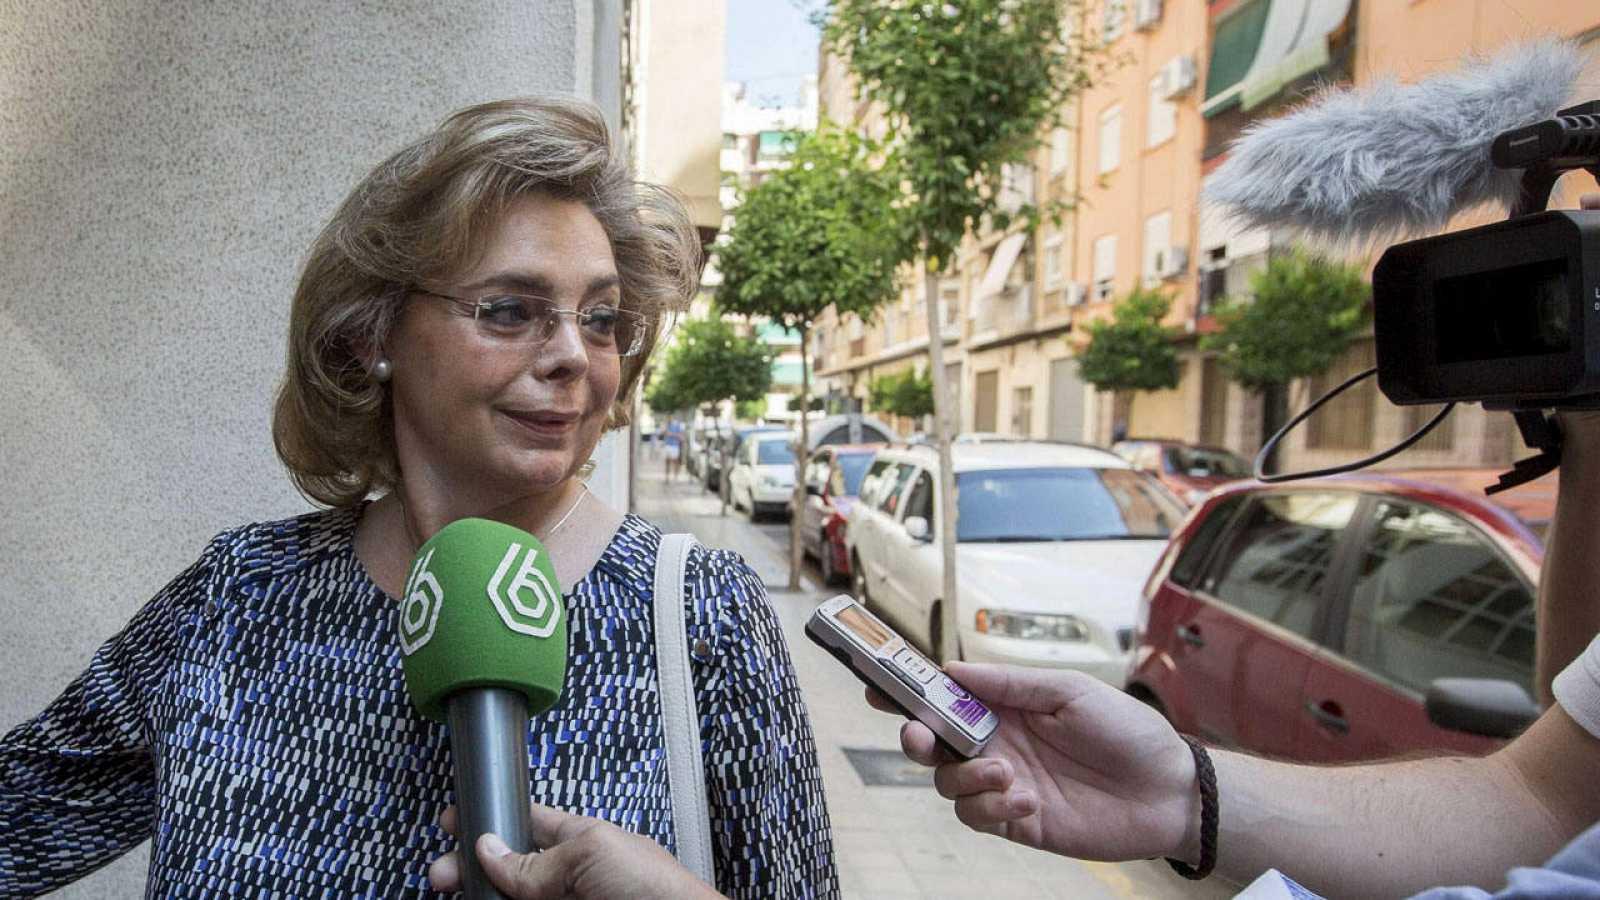 La exconcejala de Cultura del Ayuntamiento de Valencia María José Alcón